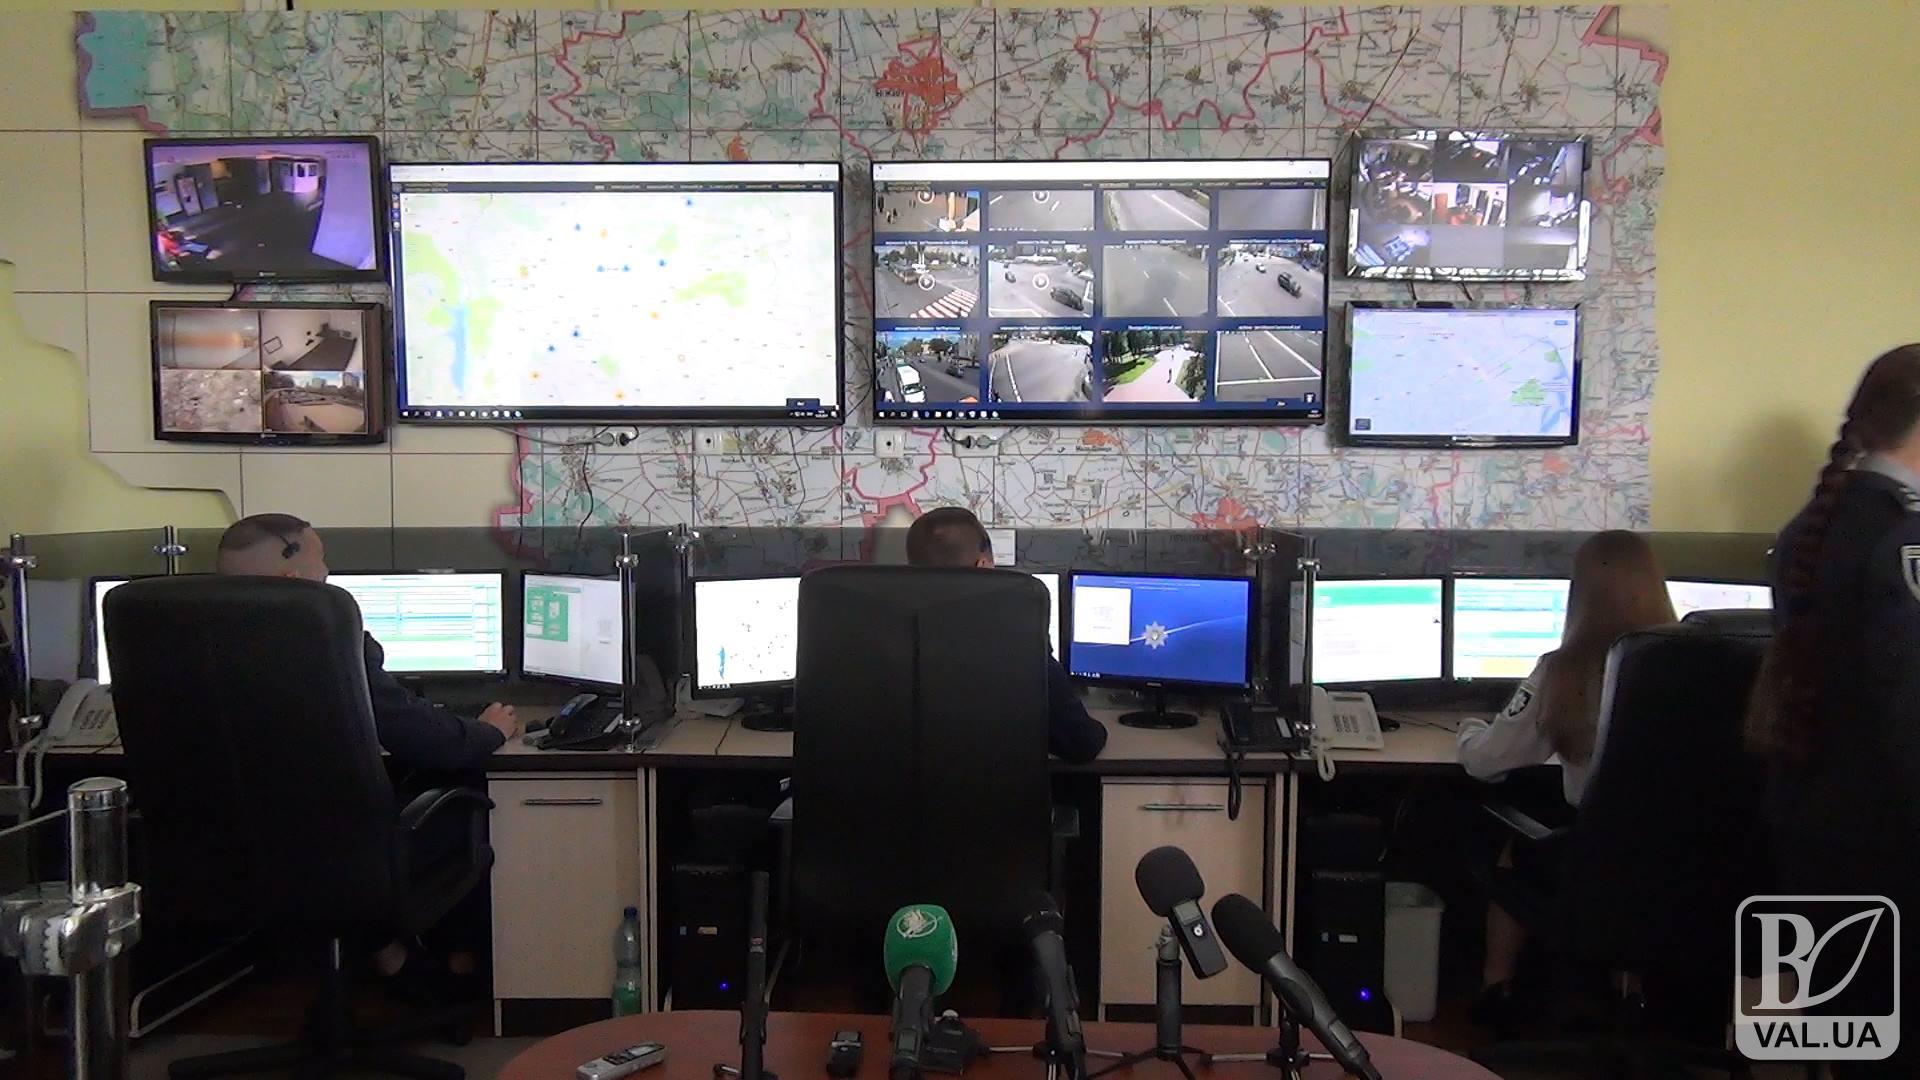 За вулицями Чернігова та області поліція слідкує з камер відеоспостереження. ВІДЕО